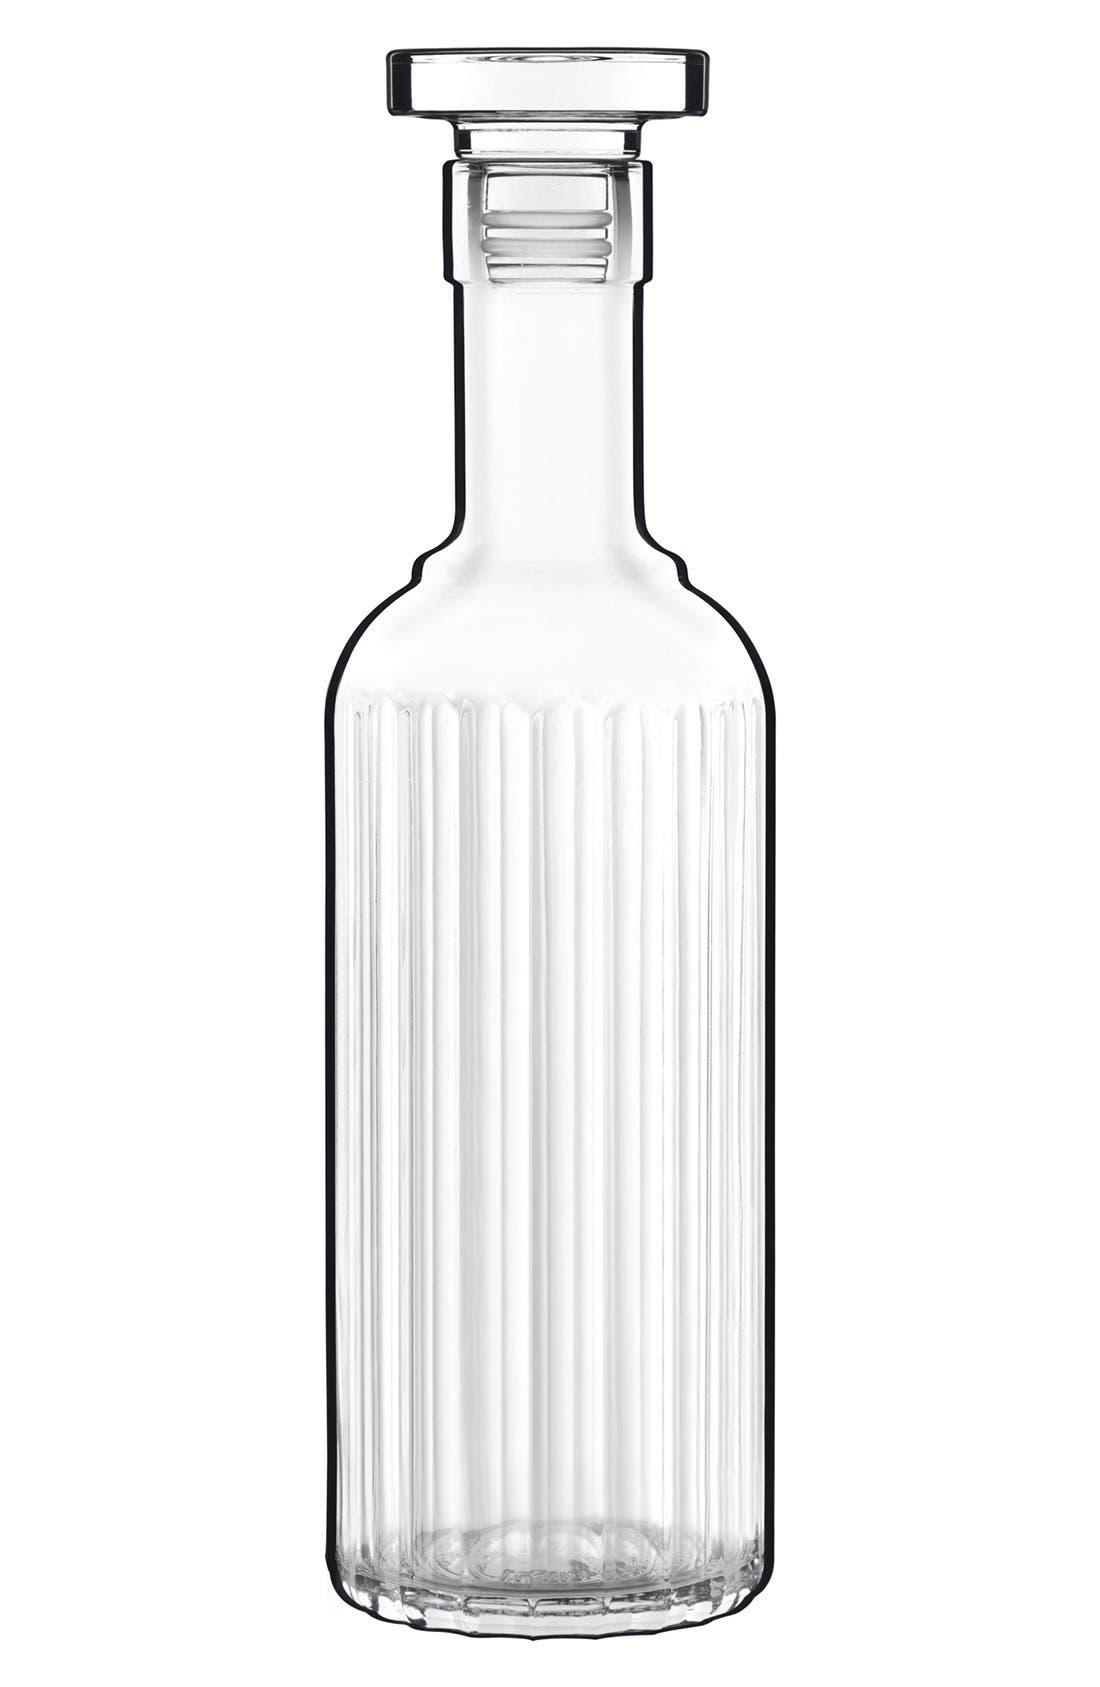 Main Image - Luigi Bormioli 'Bach' Spirits Bottle